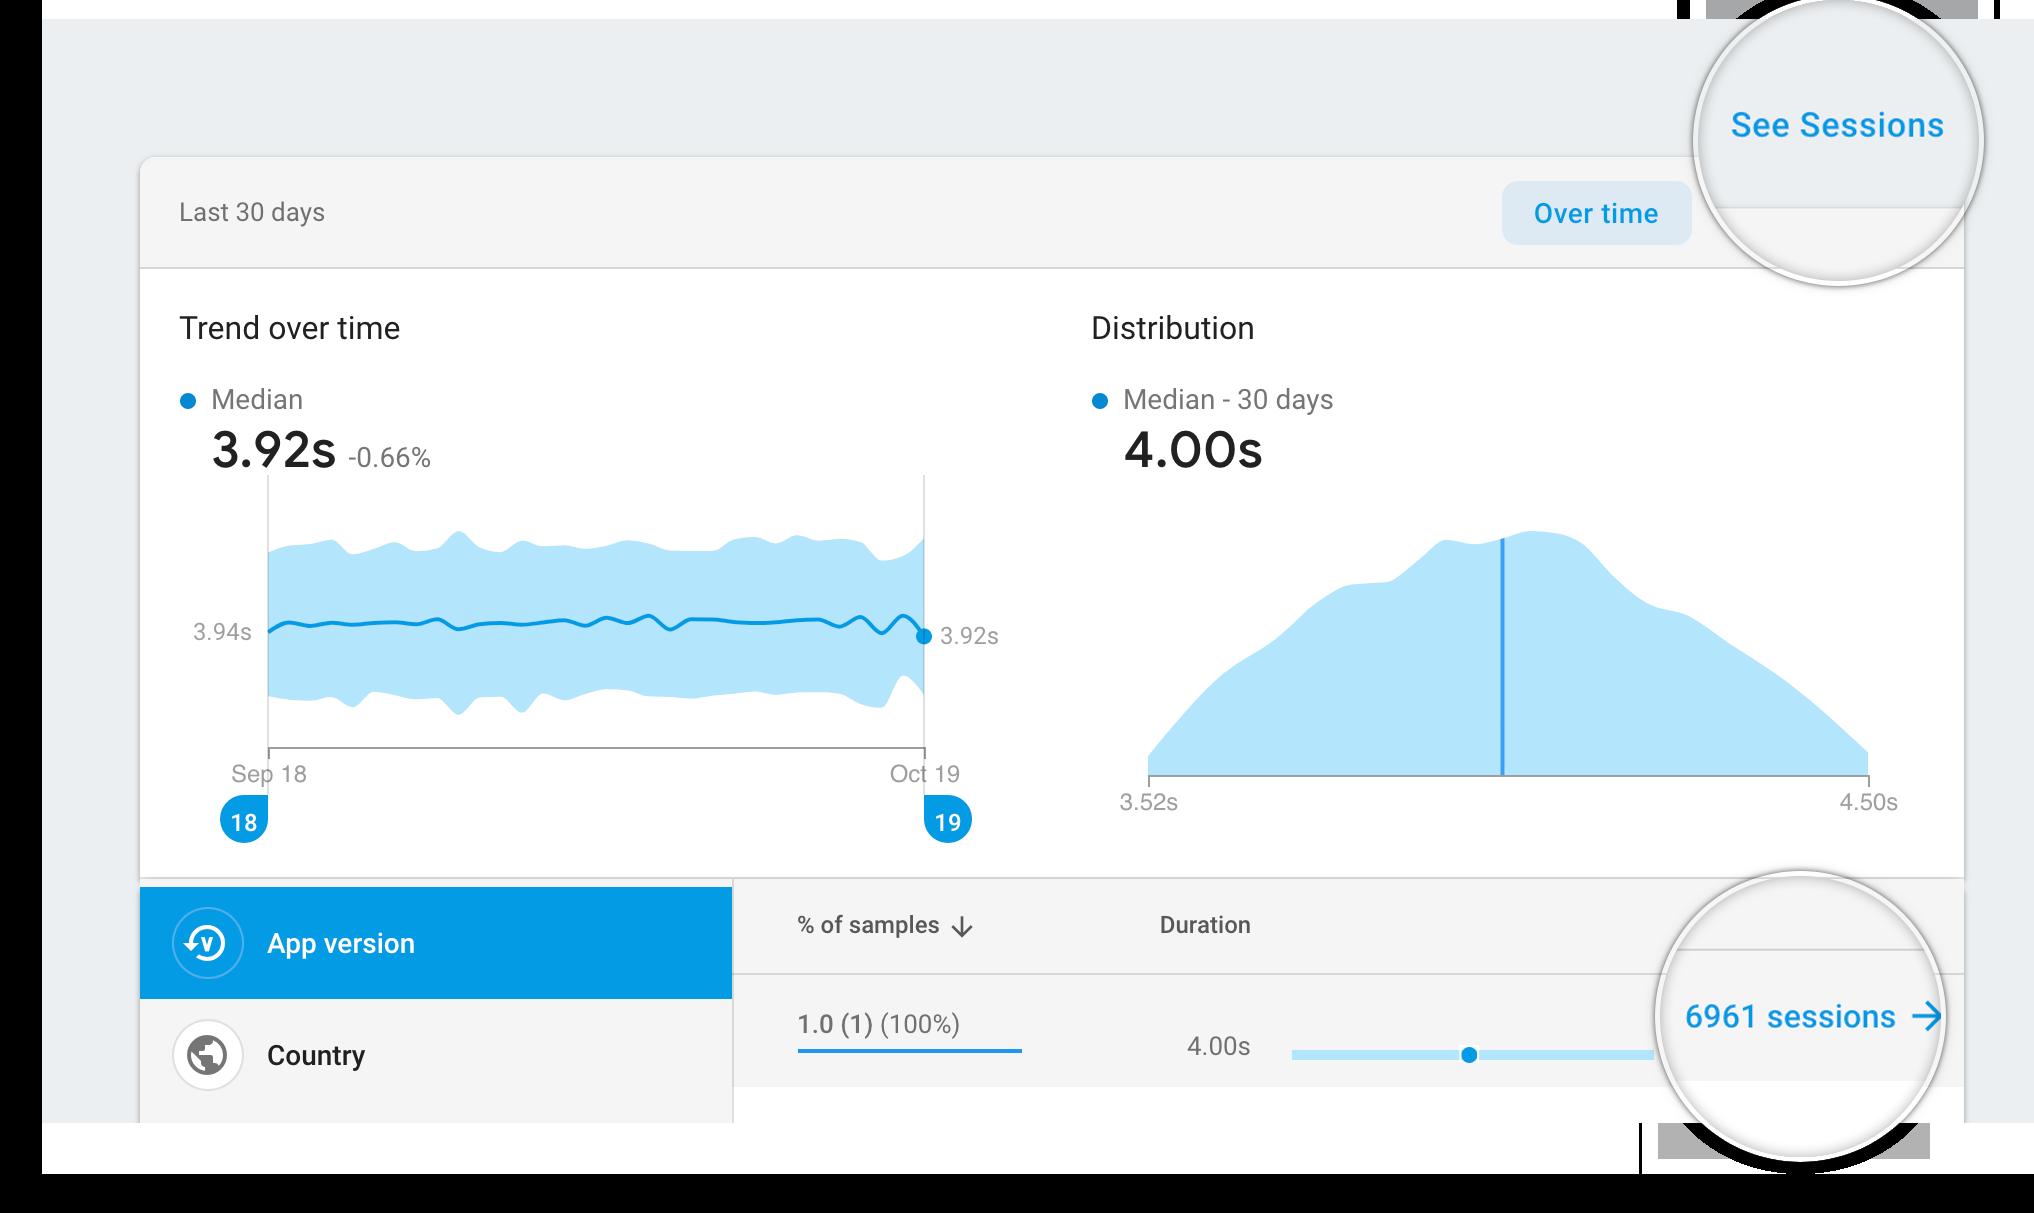 uma imagem do rastreamento do Monitoramento de desempenho do Firebase com um link para as sessões